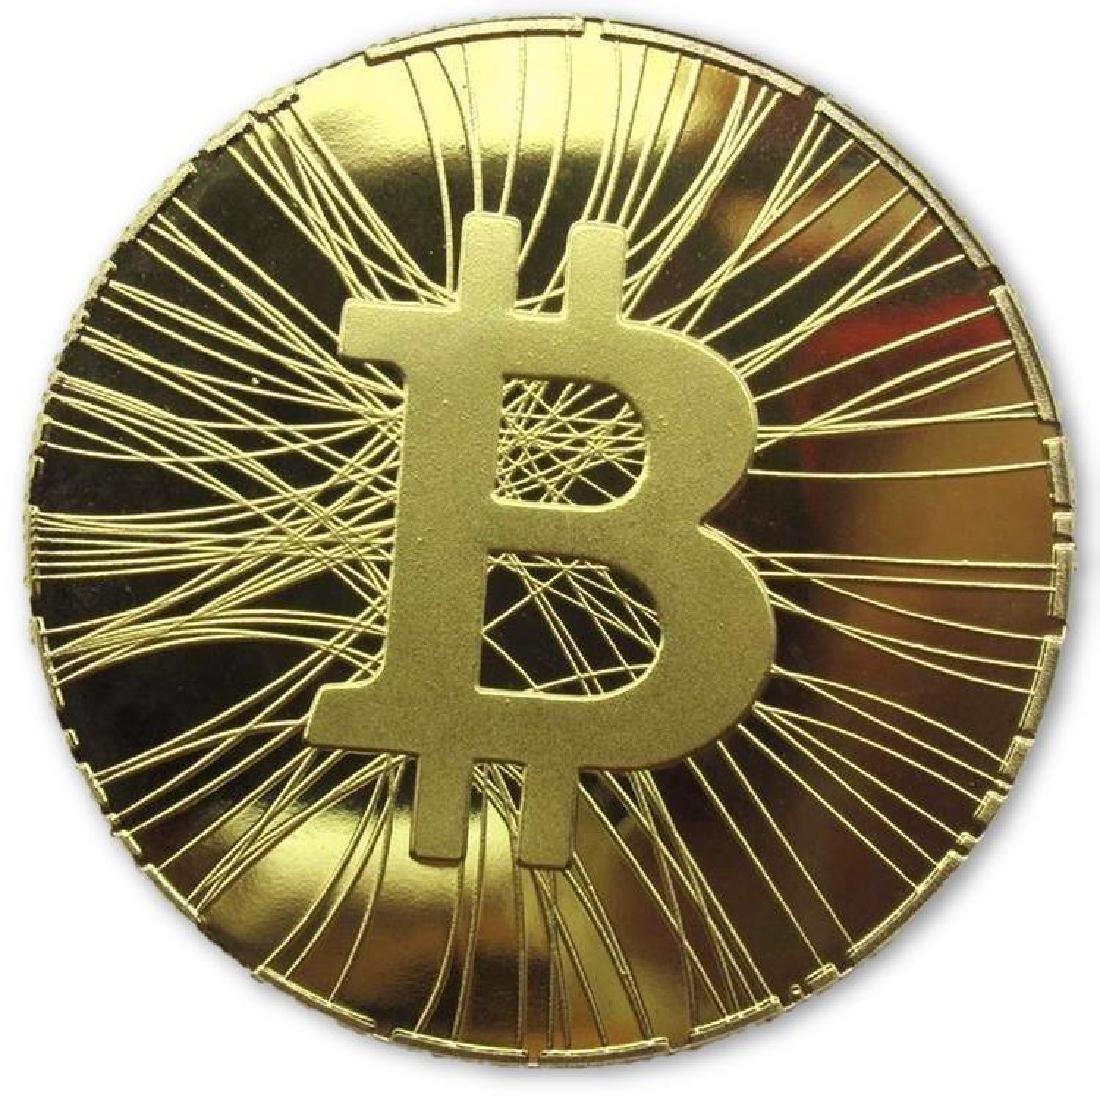 Bitcoin Mining Gold Clad Collectible Coin